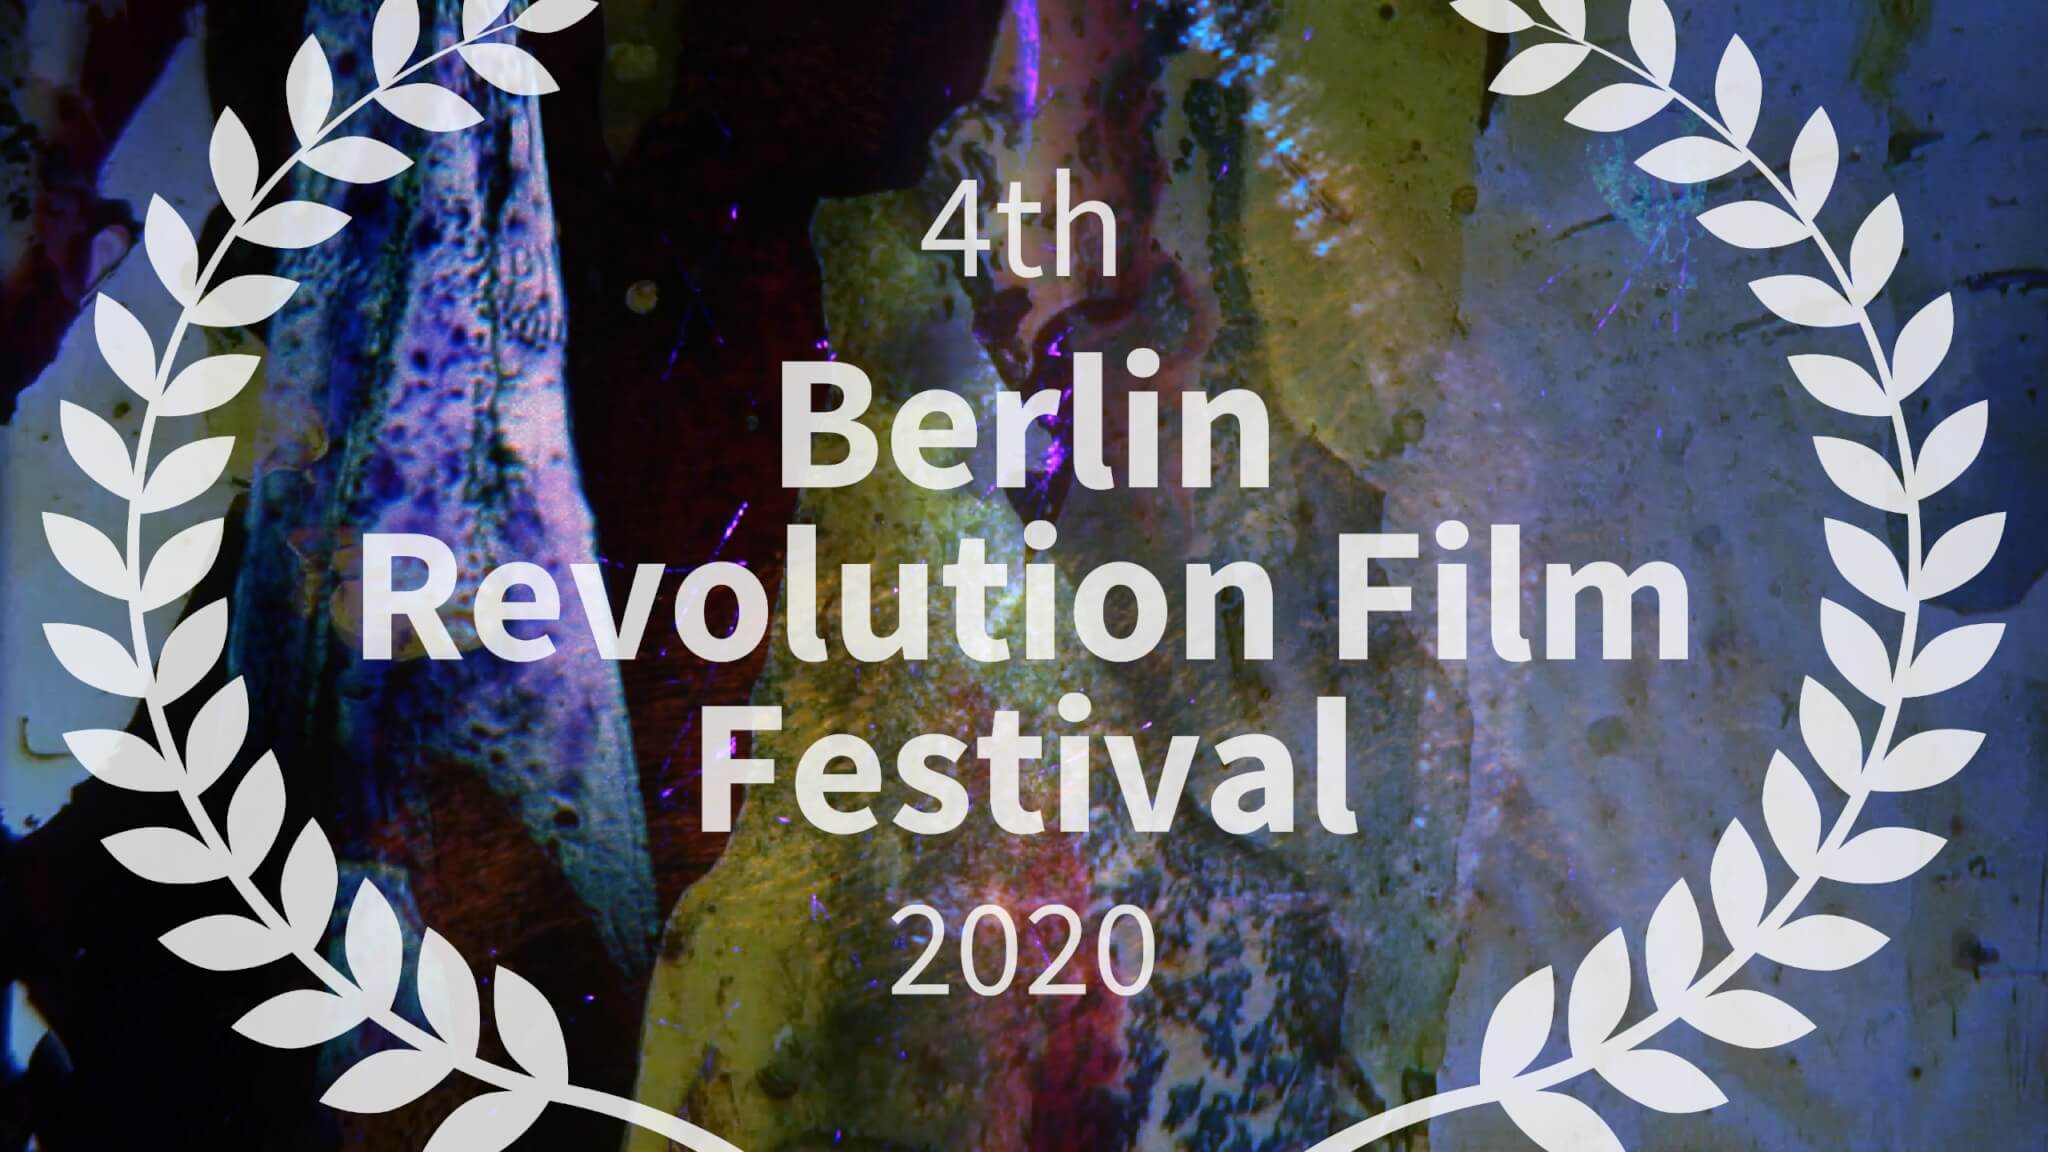 Se Berlin Revolution Filmfestival